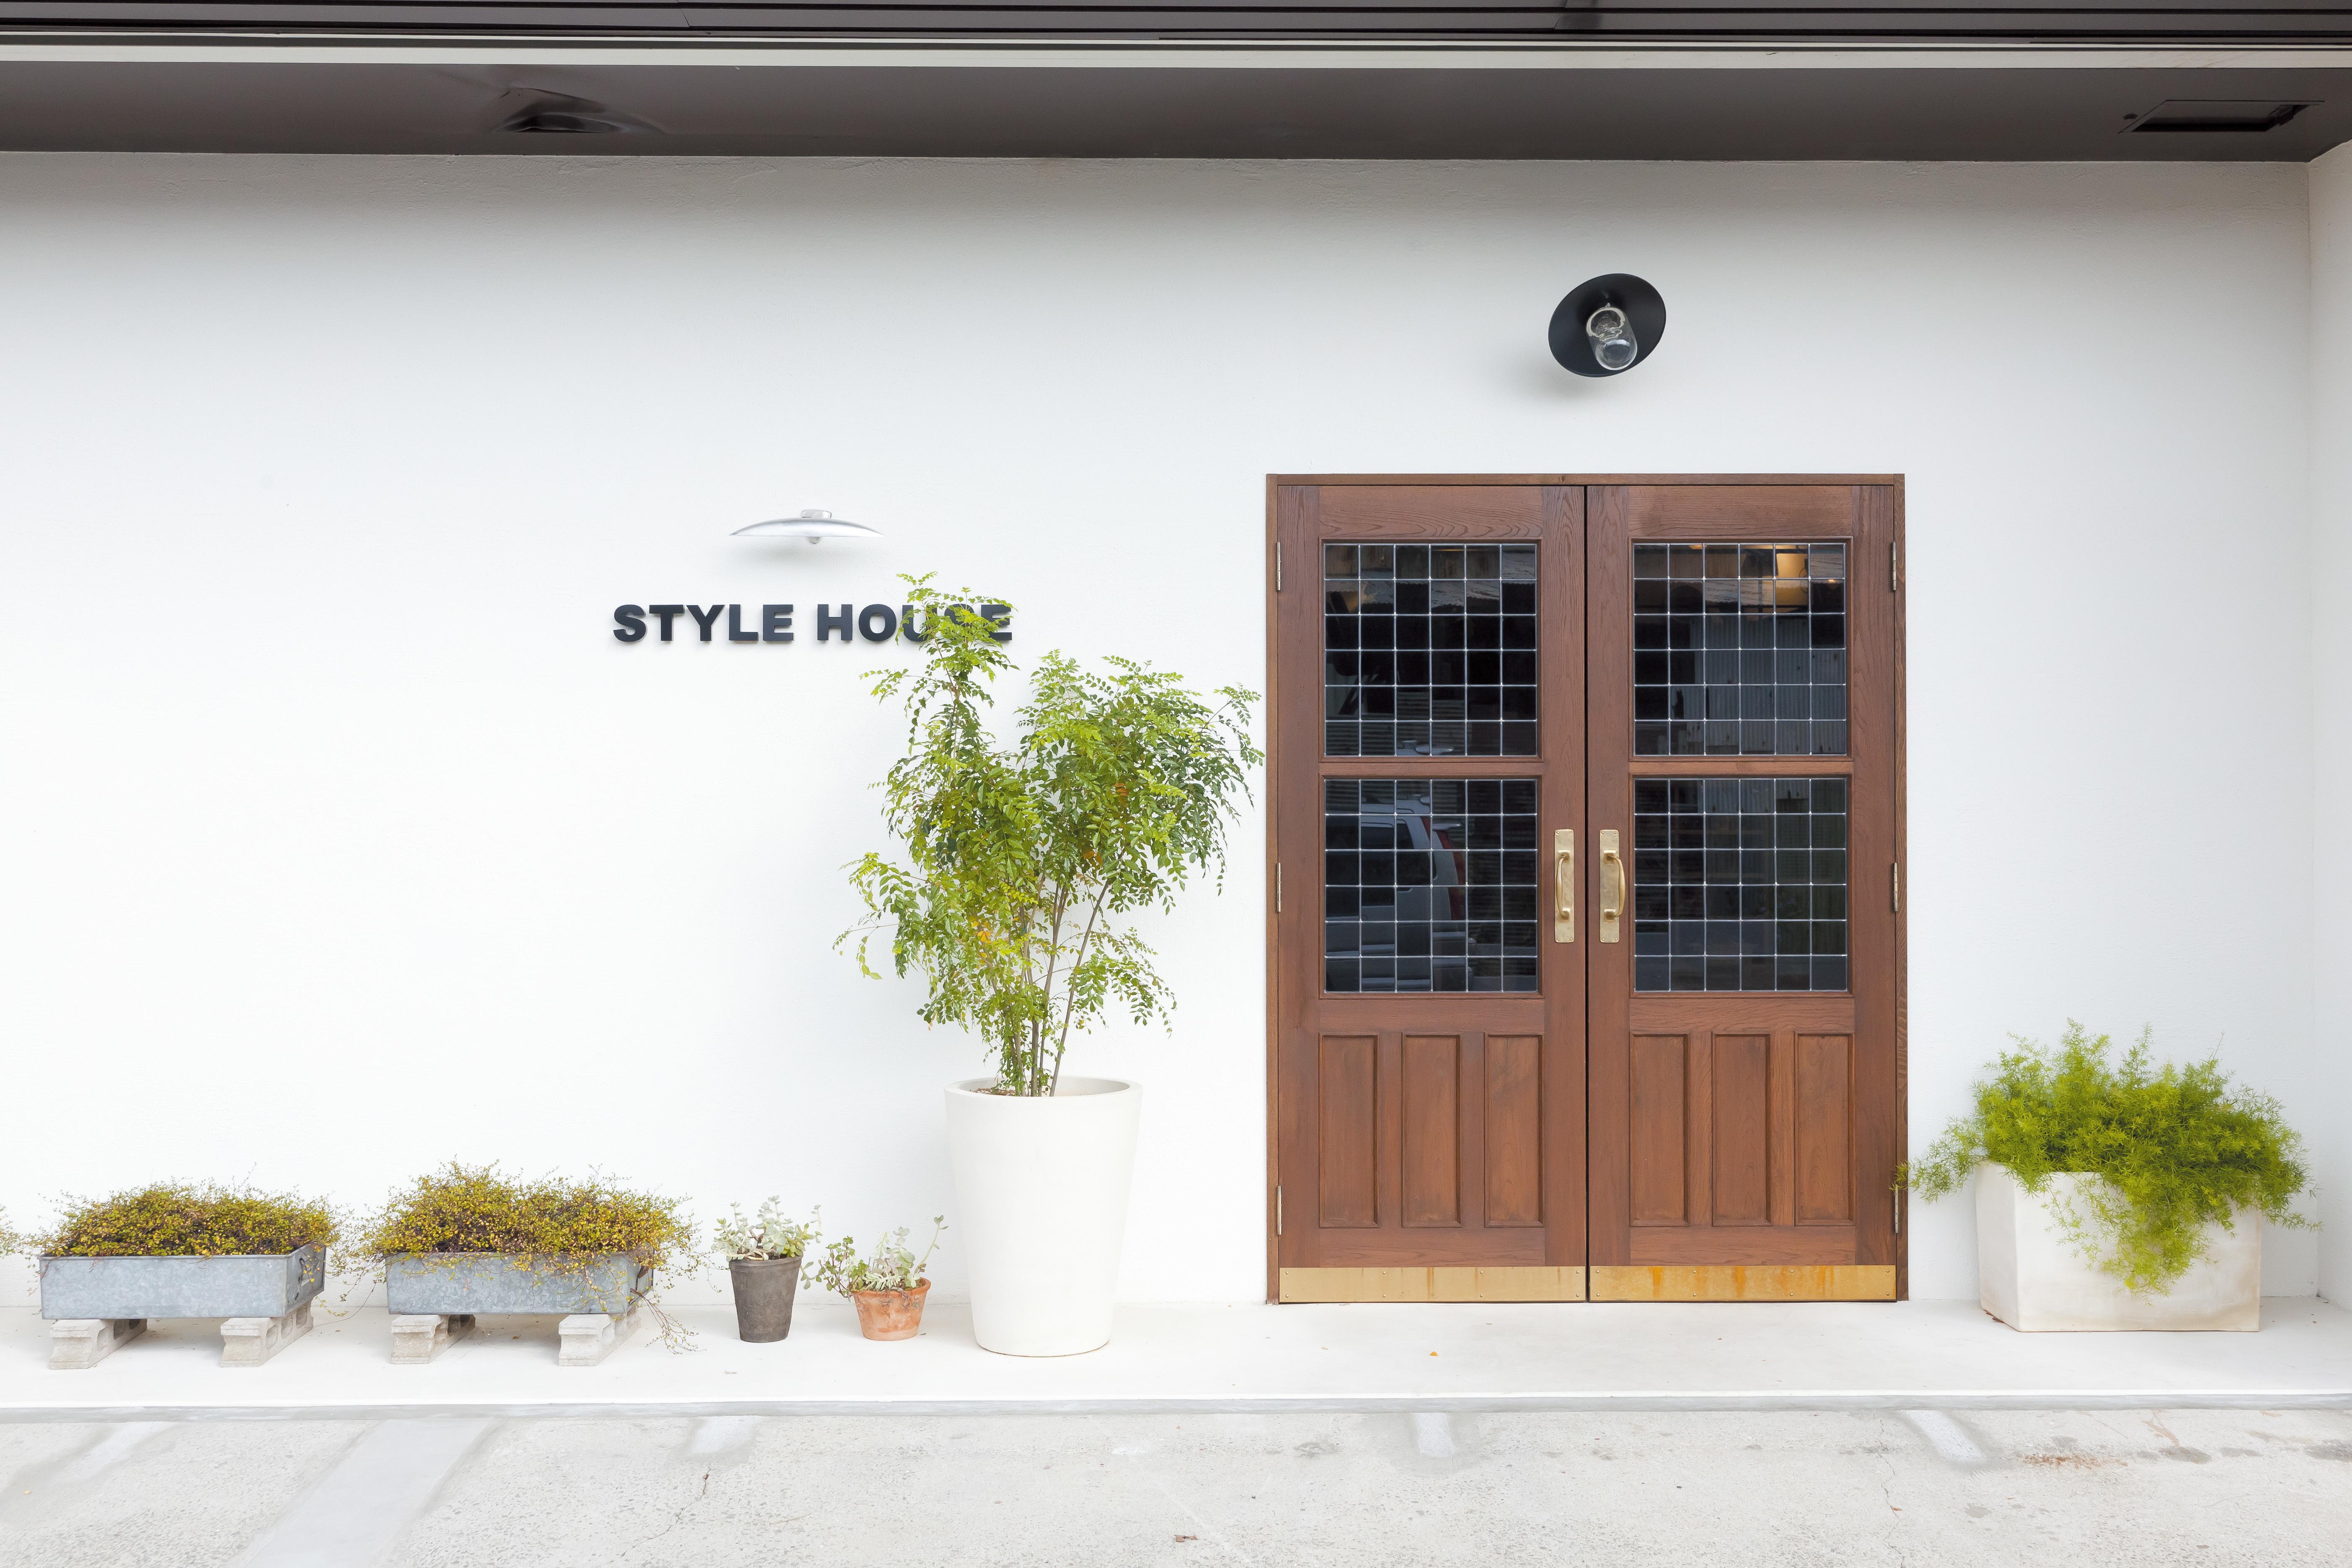 谷上工務店時代に「STYLE HOUSE(スタイルハウス)」として事業化。約10年後に「ALLAGI」に社名変更し、リブランディングを加速させる